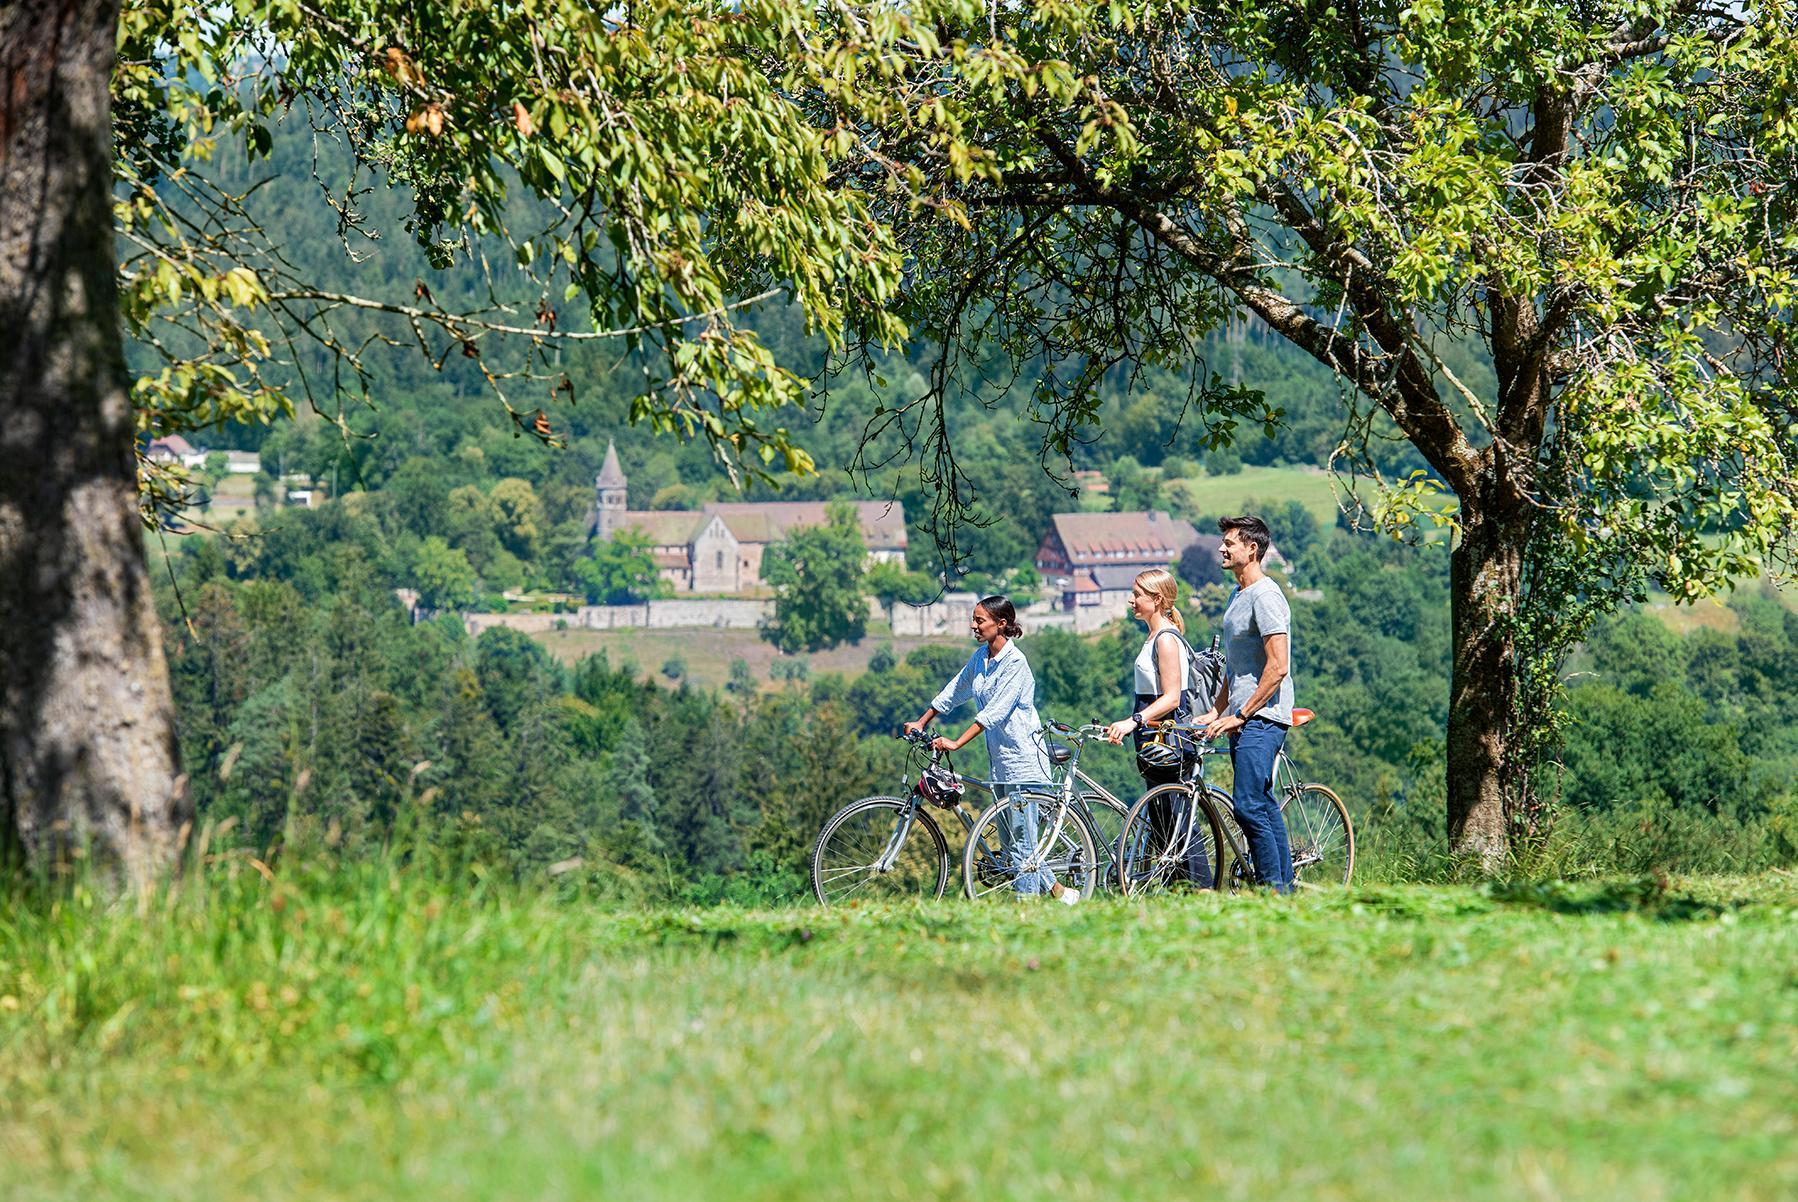 Kloster Lorch, Radfahrer mit Kloster Lorch im Hintergrund